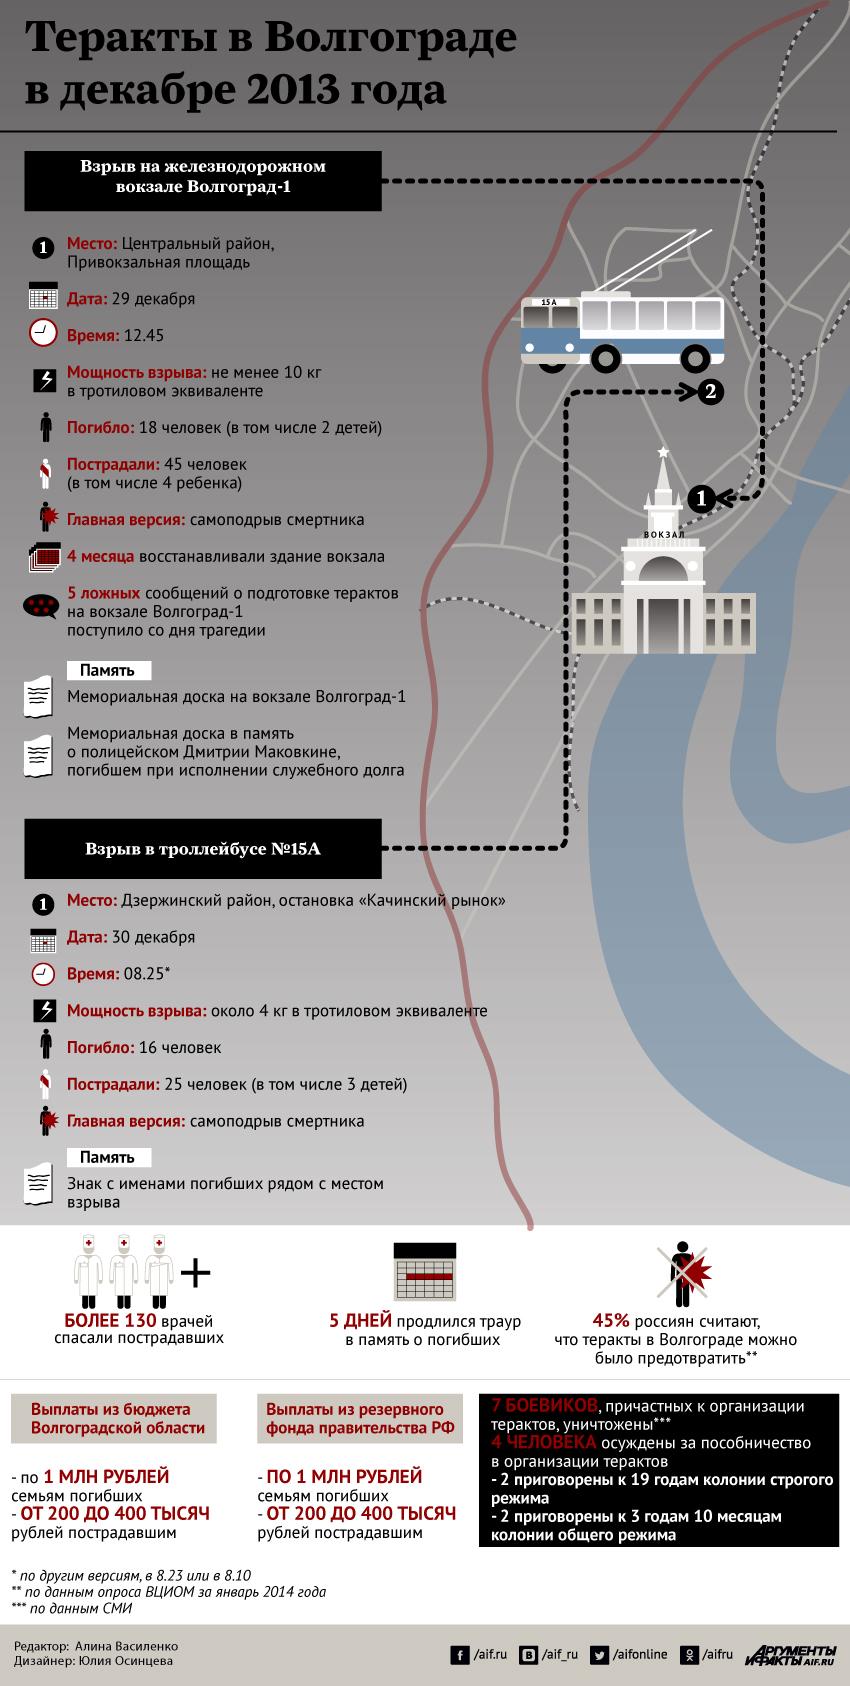 Инфографика по терактам в Волгограде